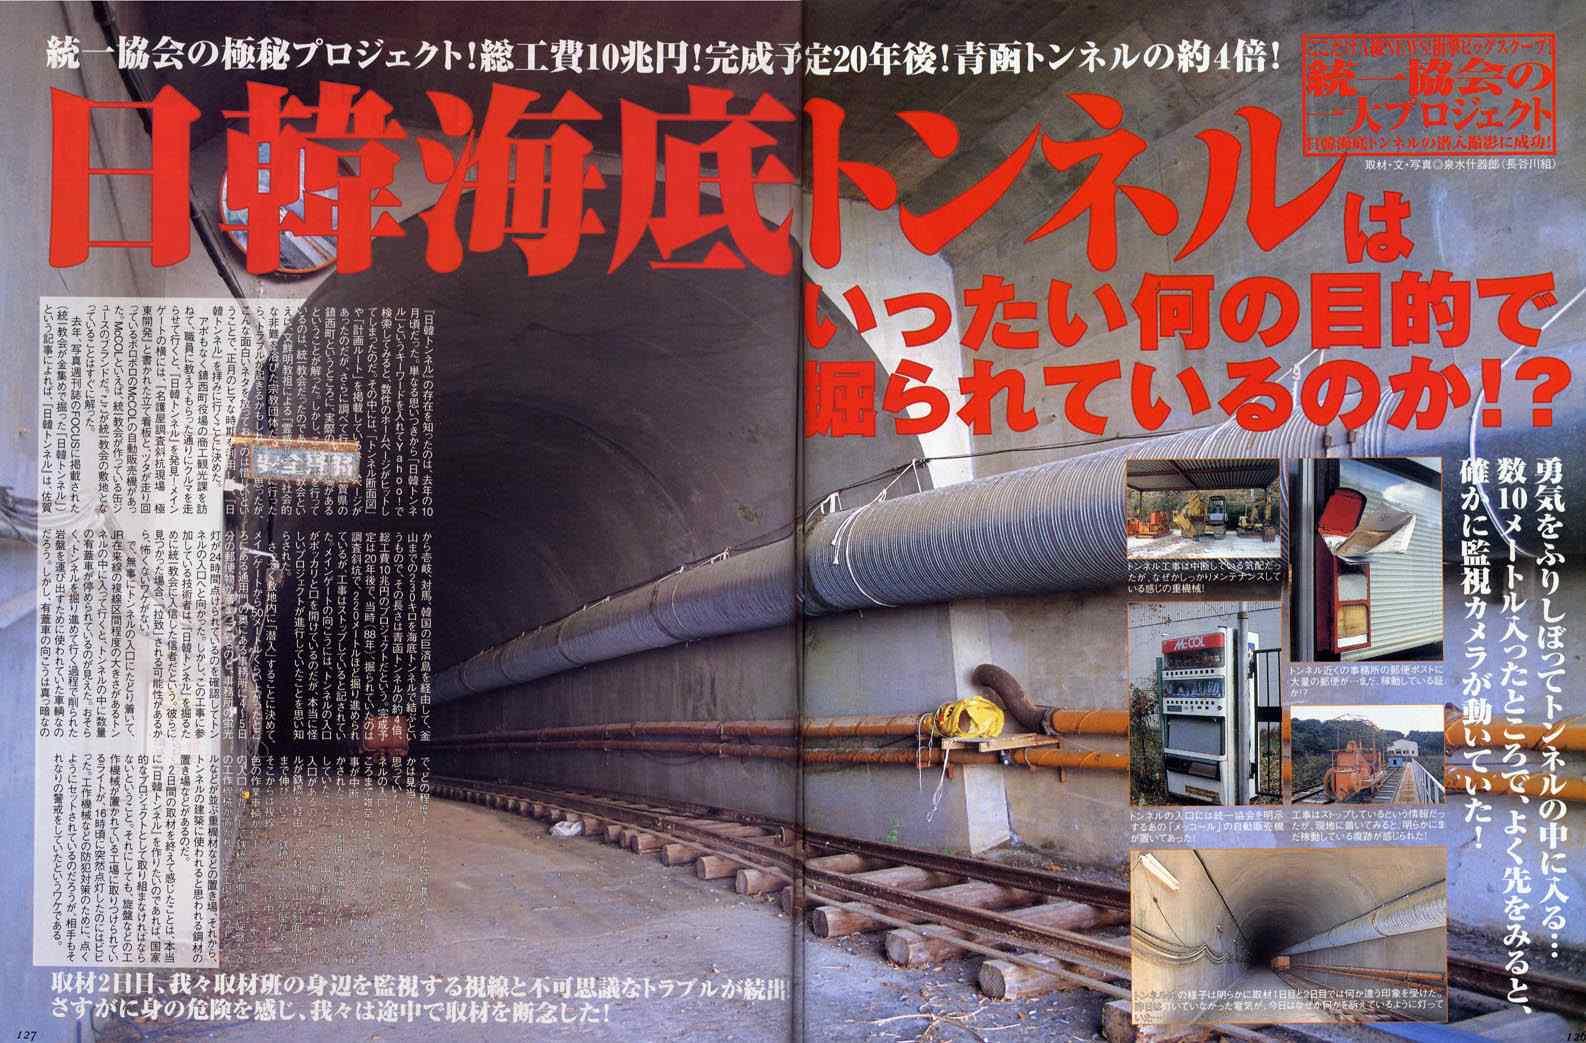 韓国経済界「日韓海底トンネル建設を再開しよう」、「日韓海底トンネル ...